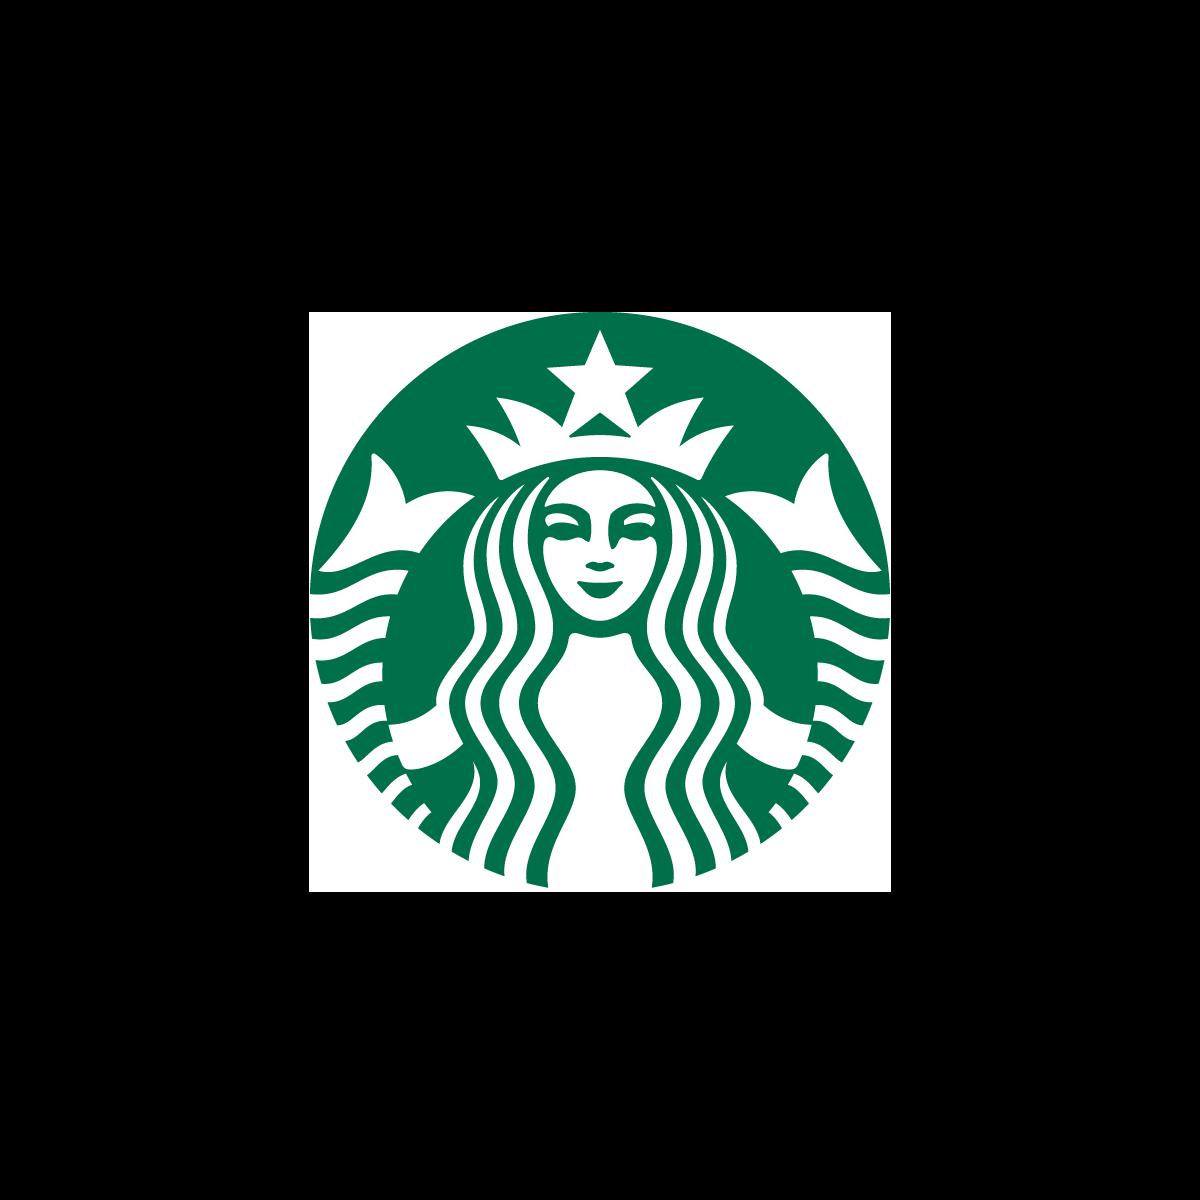 Starbucks 25th Greener Coffee Set グリーンな未来につながるコーヒーグッズセット